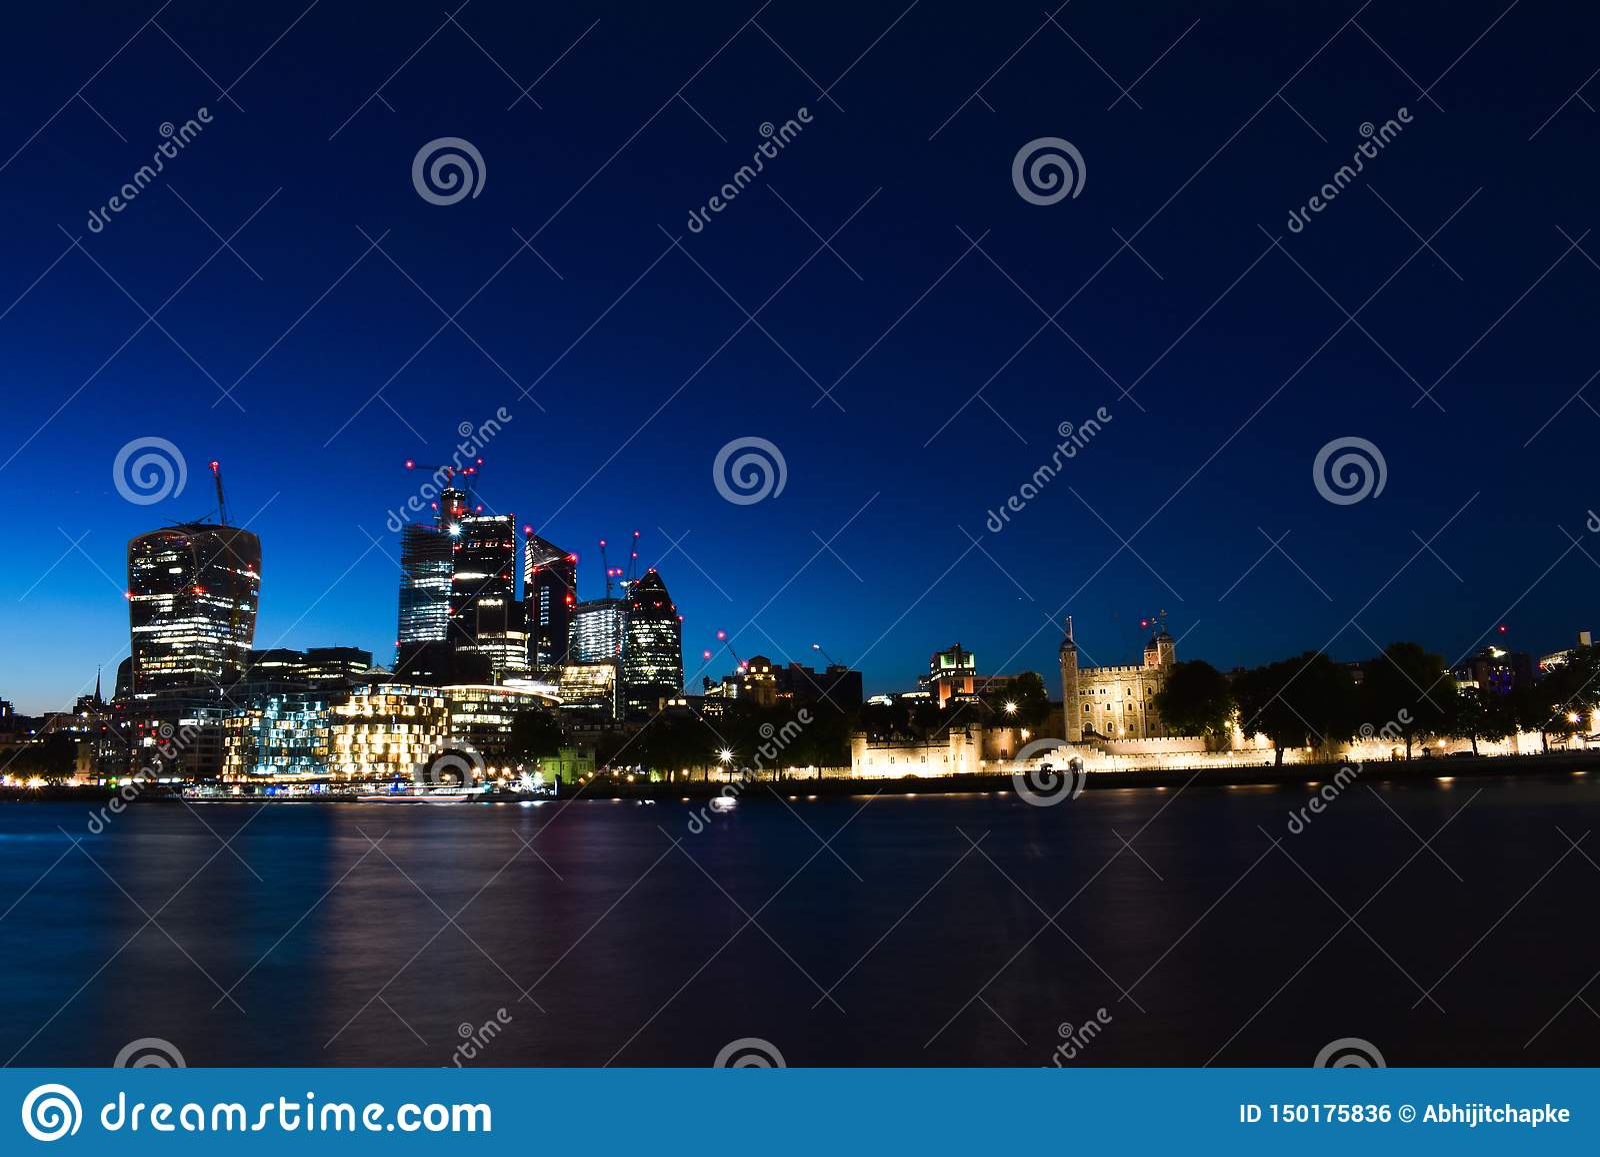 Λονδίνο κεντρικός Το νότιο Λονδίνο κοντά στη γέφυρα πύργων φαίνεται τόσο όμορφο στη νύχτα